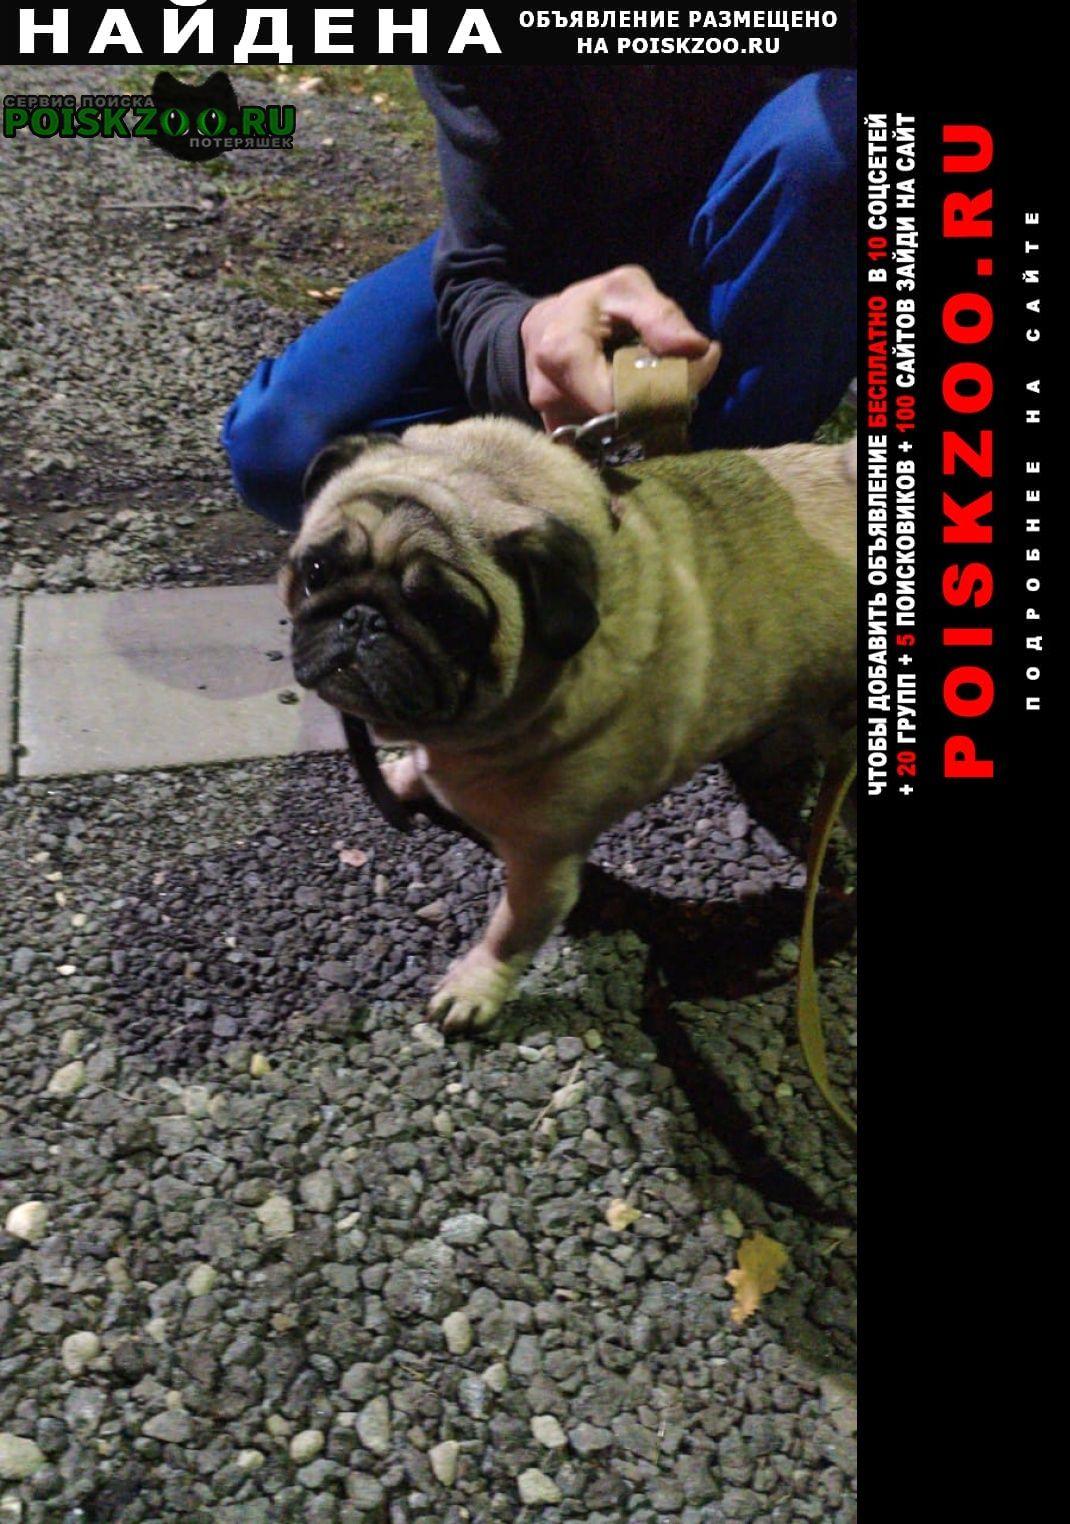 Пироговский Найдена собака на фабричном проезде